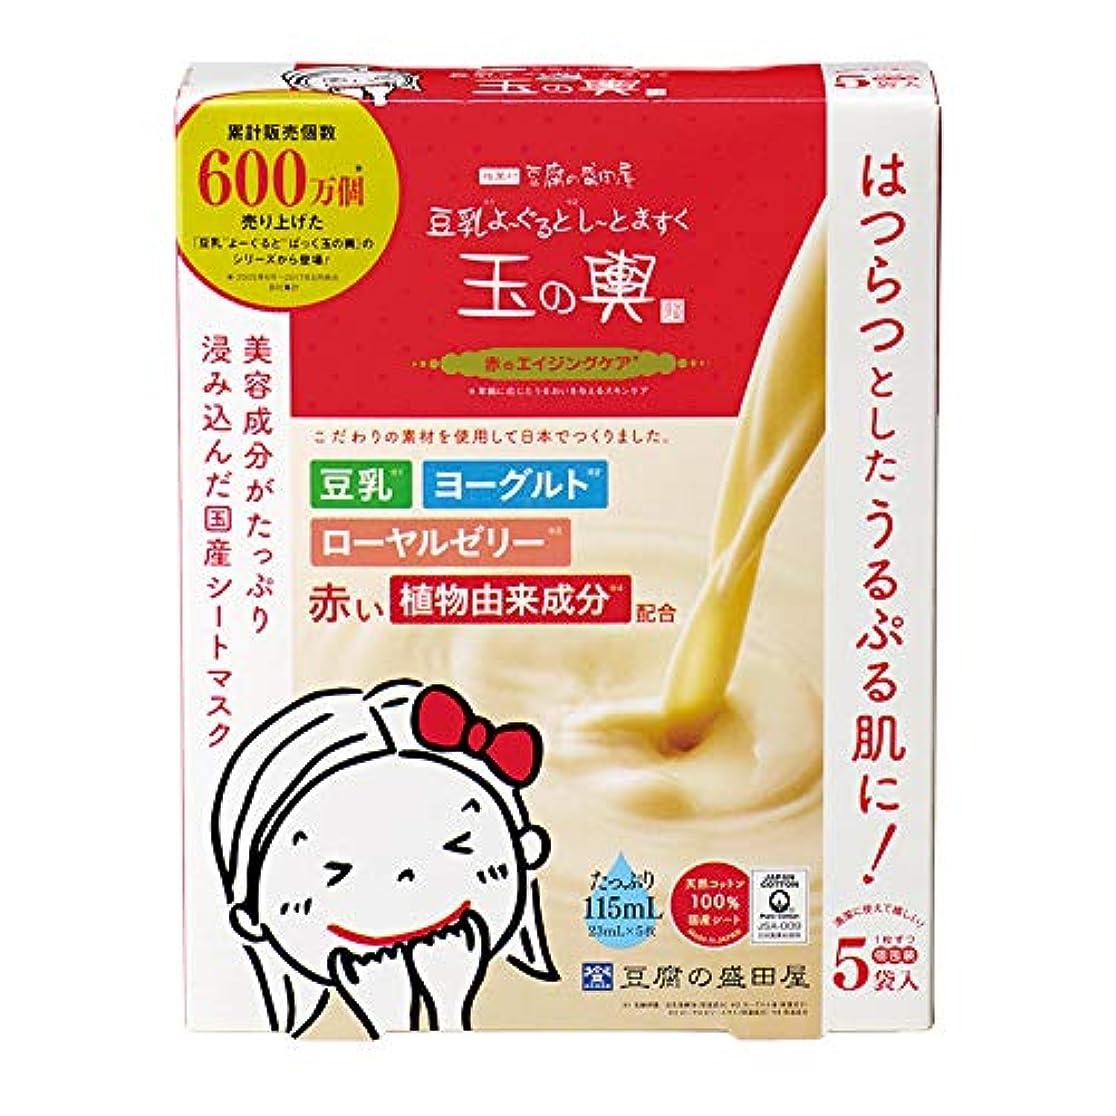 シュート苦しみ差別豆腐の盛田屋 豆乳よーぐるとしーとますく 玉の輿〈赤のエイジングケア〉23mL×5枚